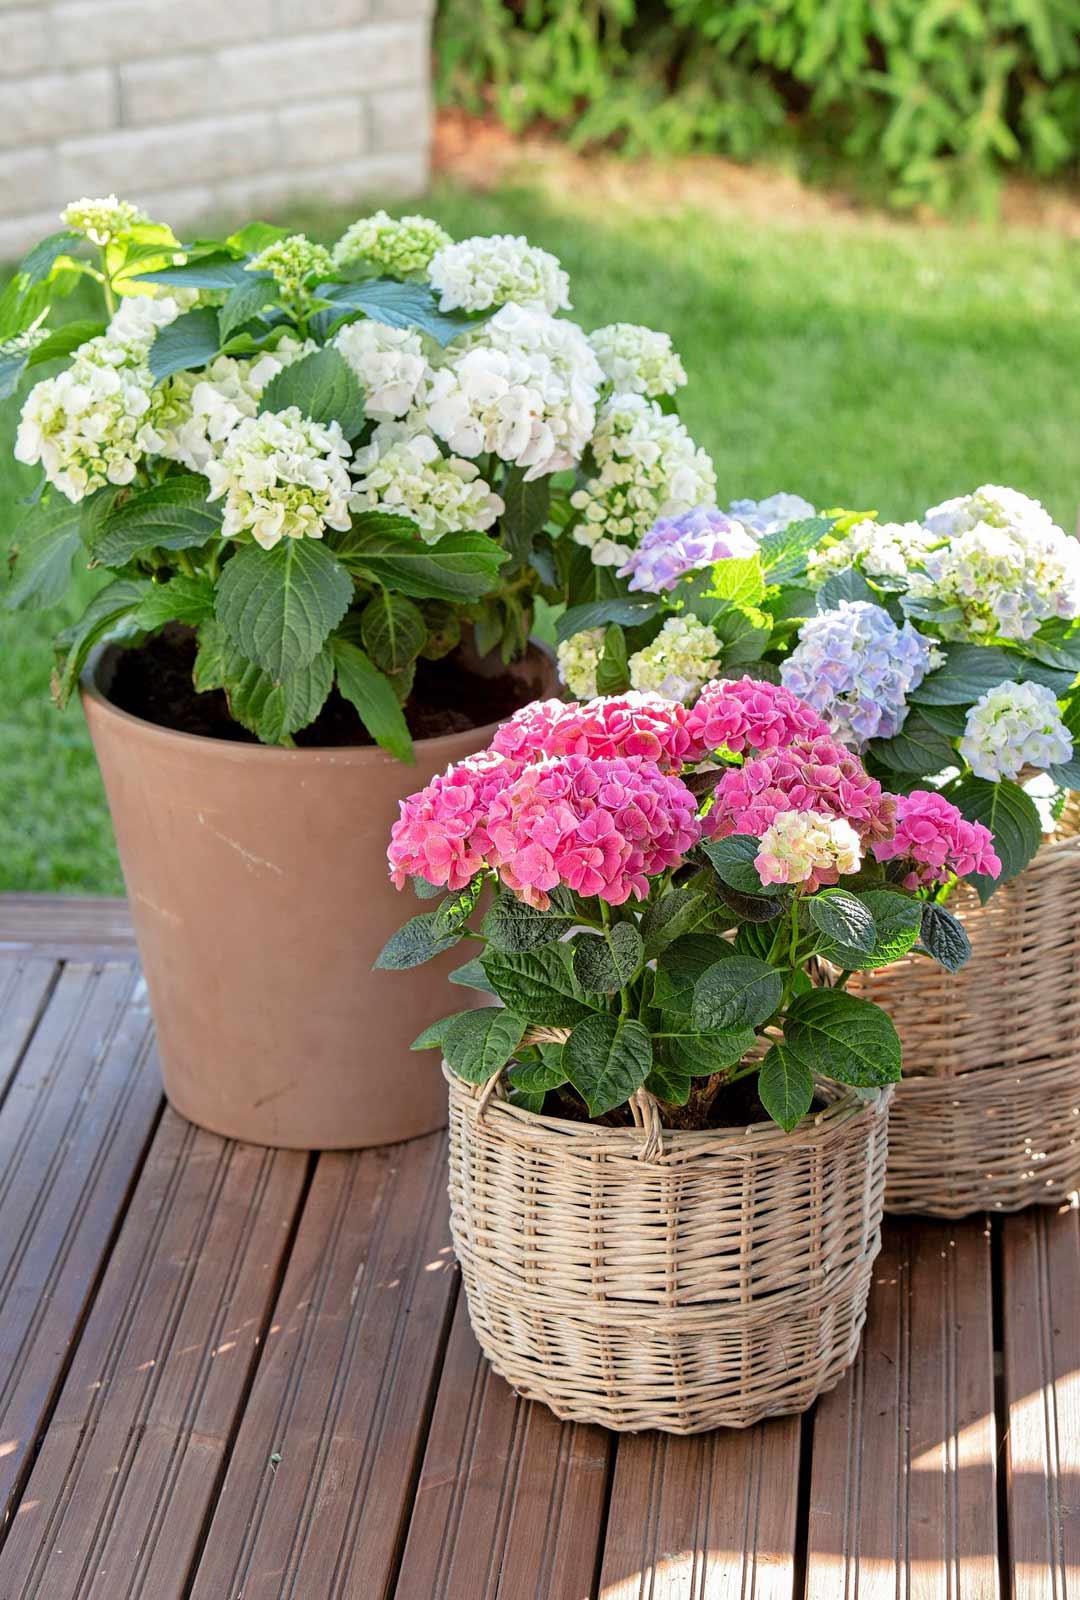 Ruukkupuutarha on kätevä toteuttaa pienelle pihalle tai terassille. Näyttäviä ovat esimerkiksi hortensiat, joka kukkivat koko kesän. Ne vaativat runsasta kastelua ja menestyvät ulkona puolivarjossa vasta hallaöiden mentyä.